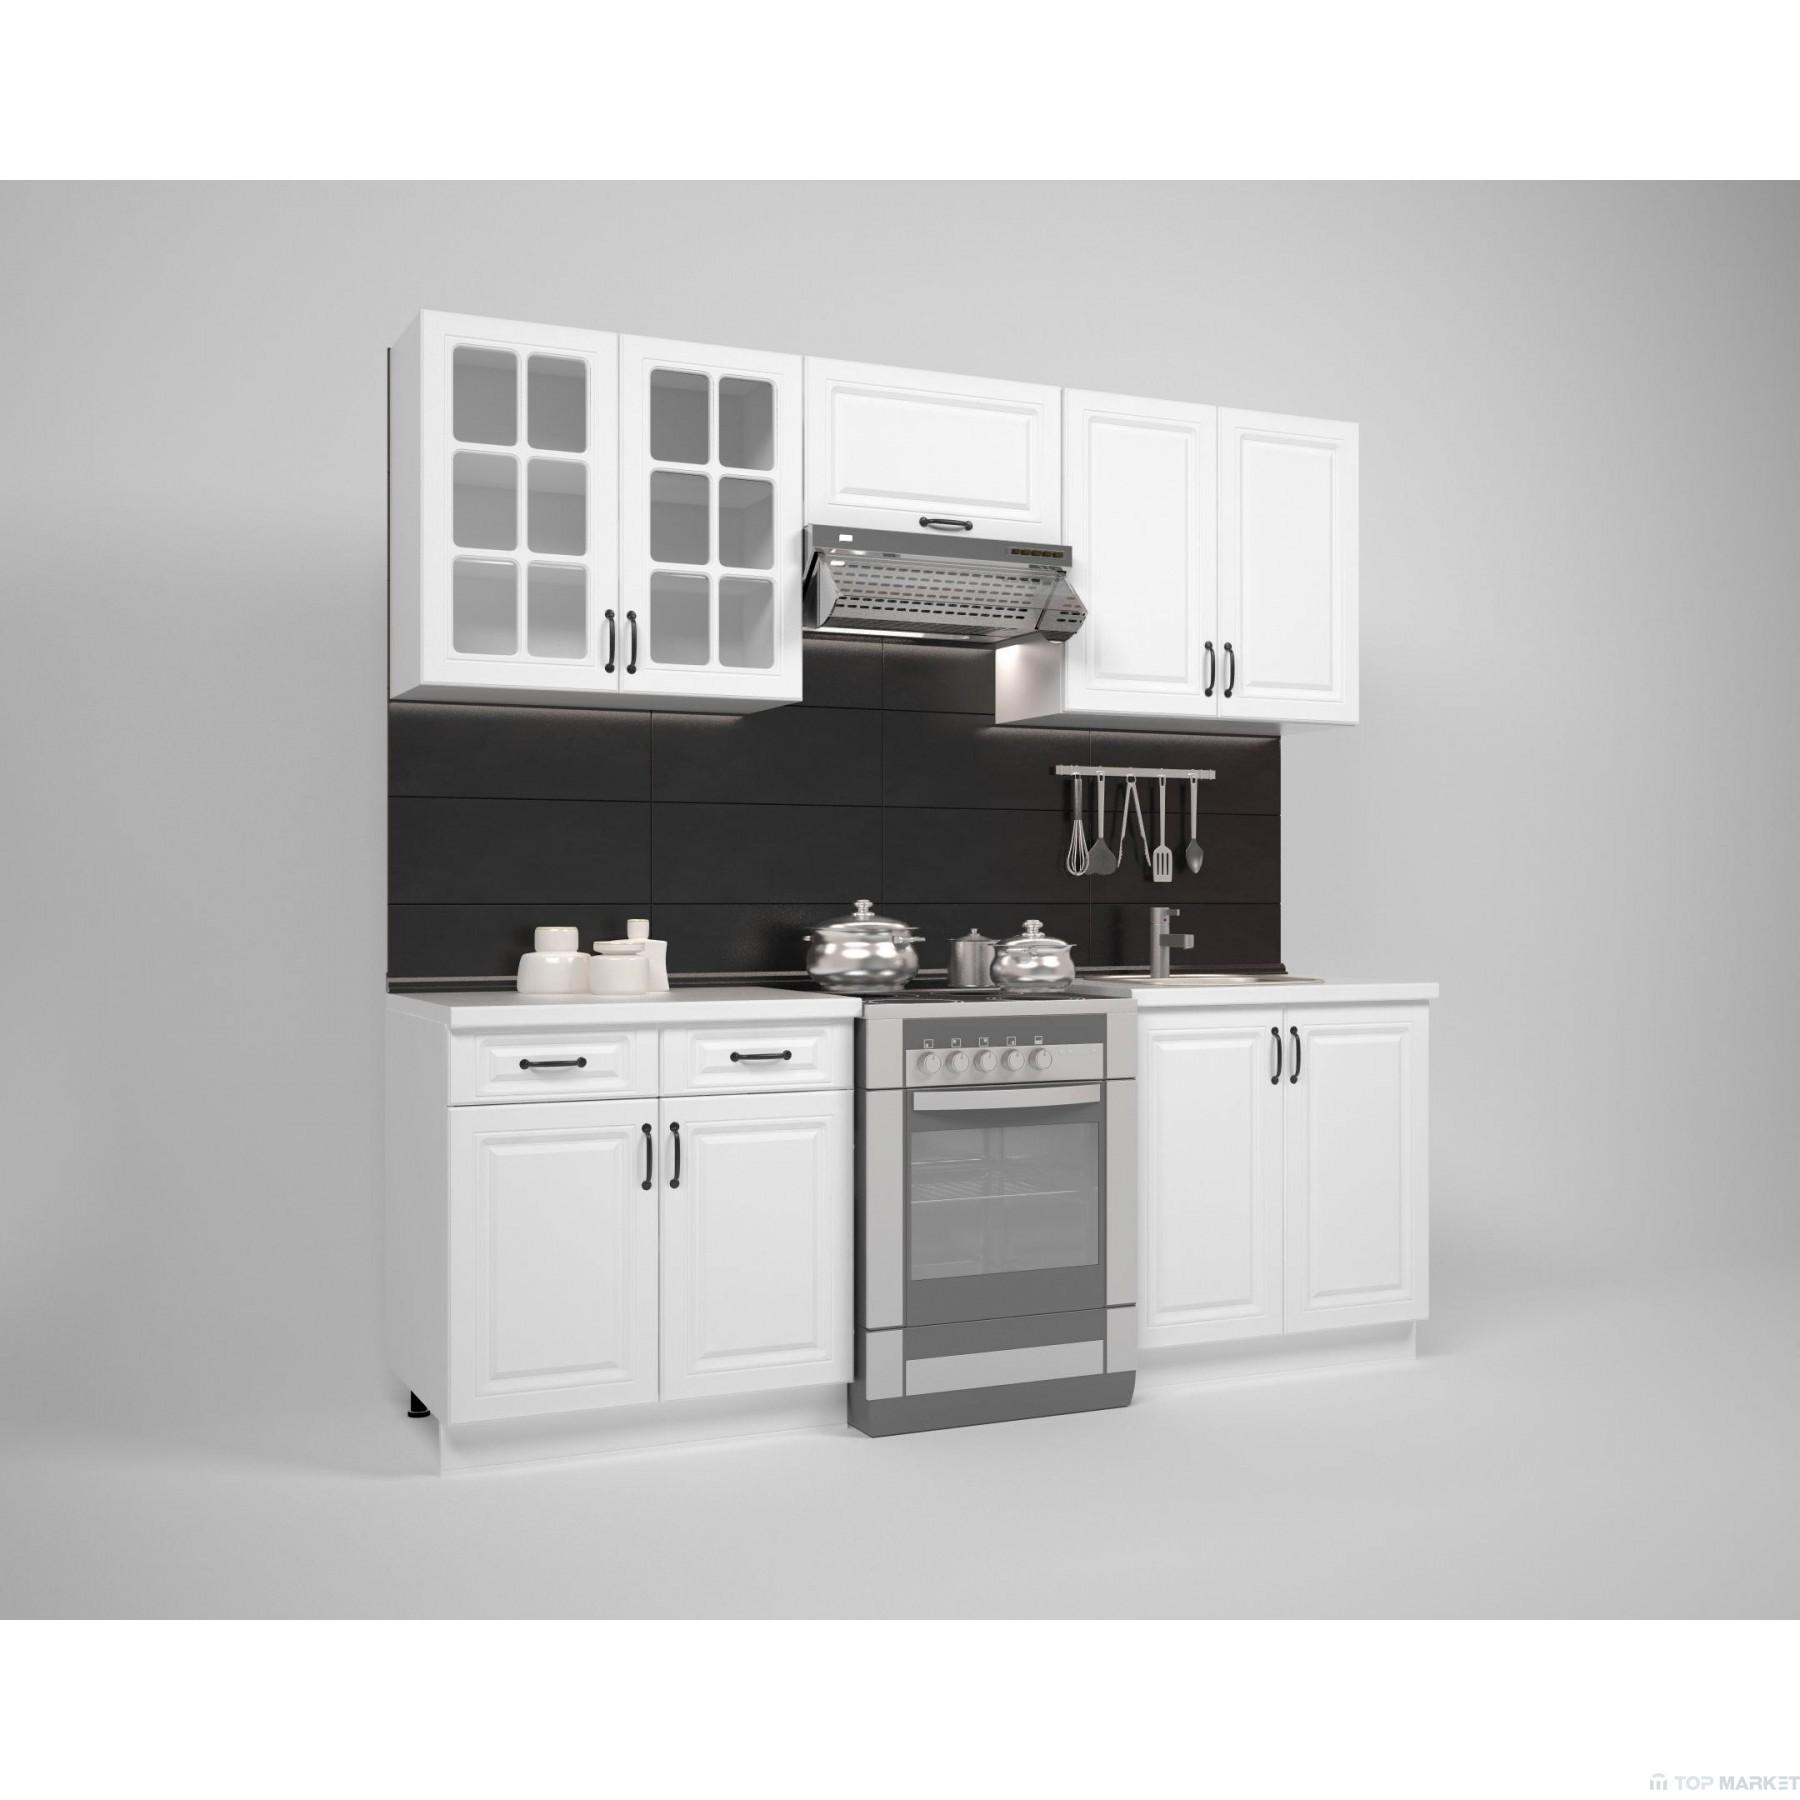 Цокъл за модулна кухня Michelle